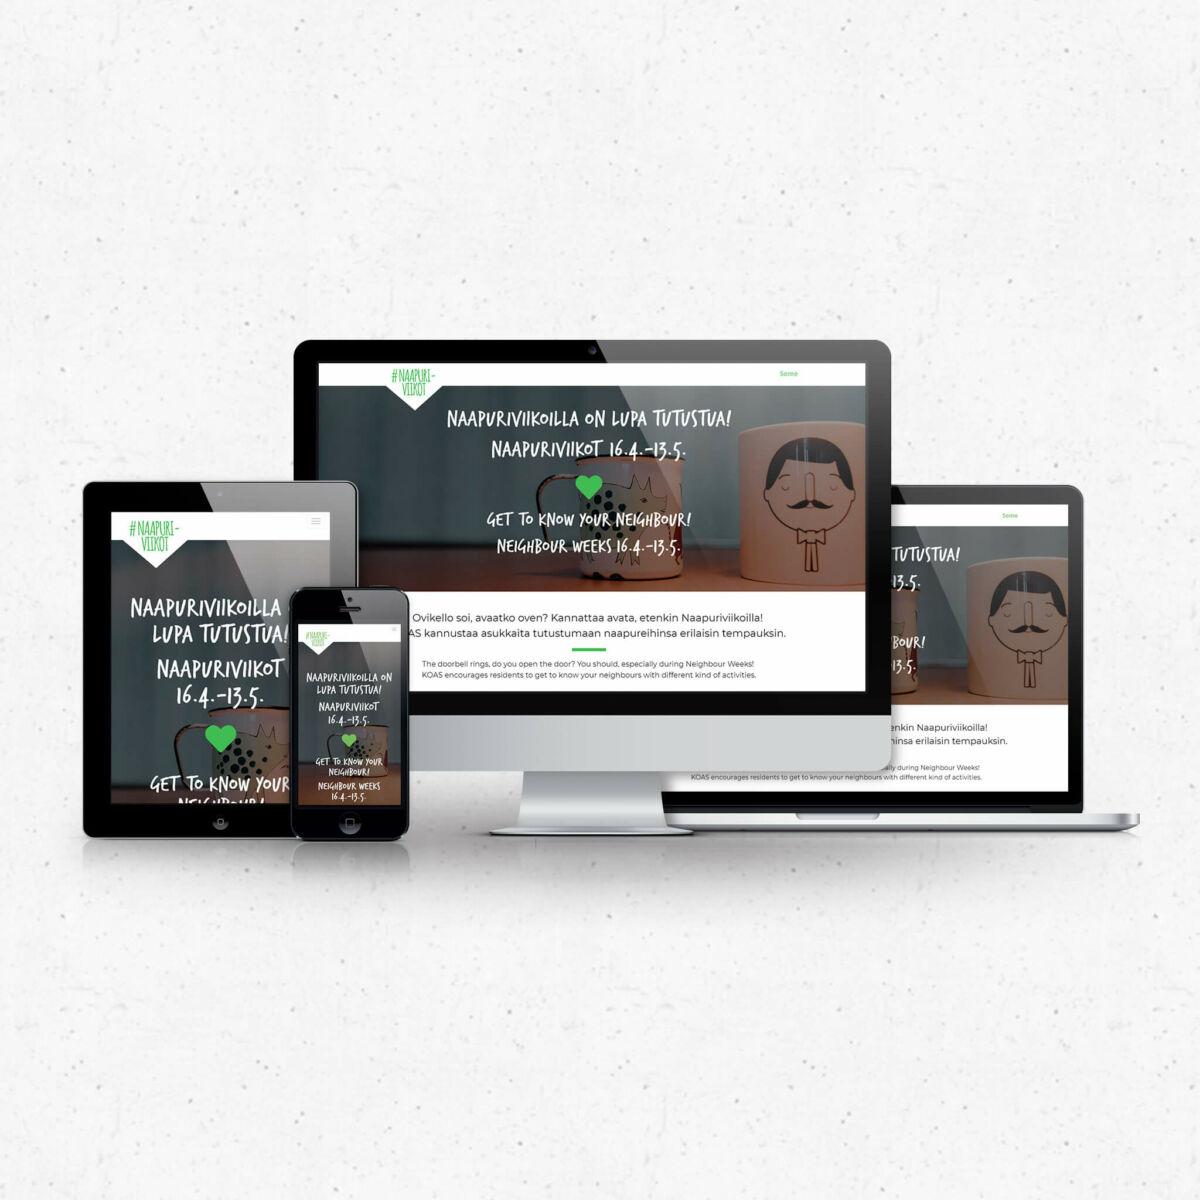 graafinen-suunnittelu-Naapuriviikot 2018 nettisivut